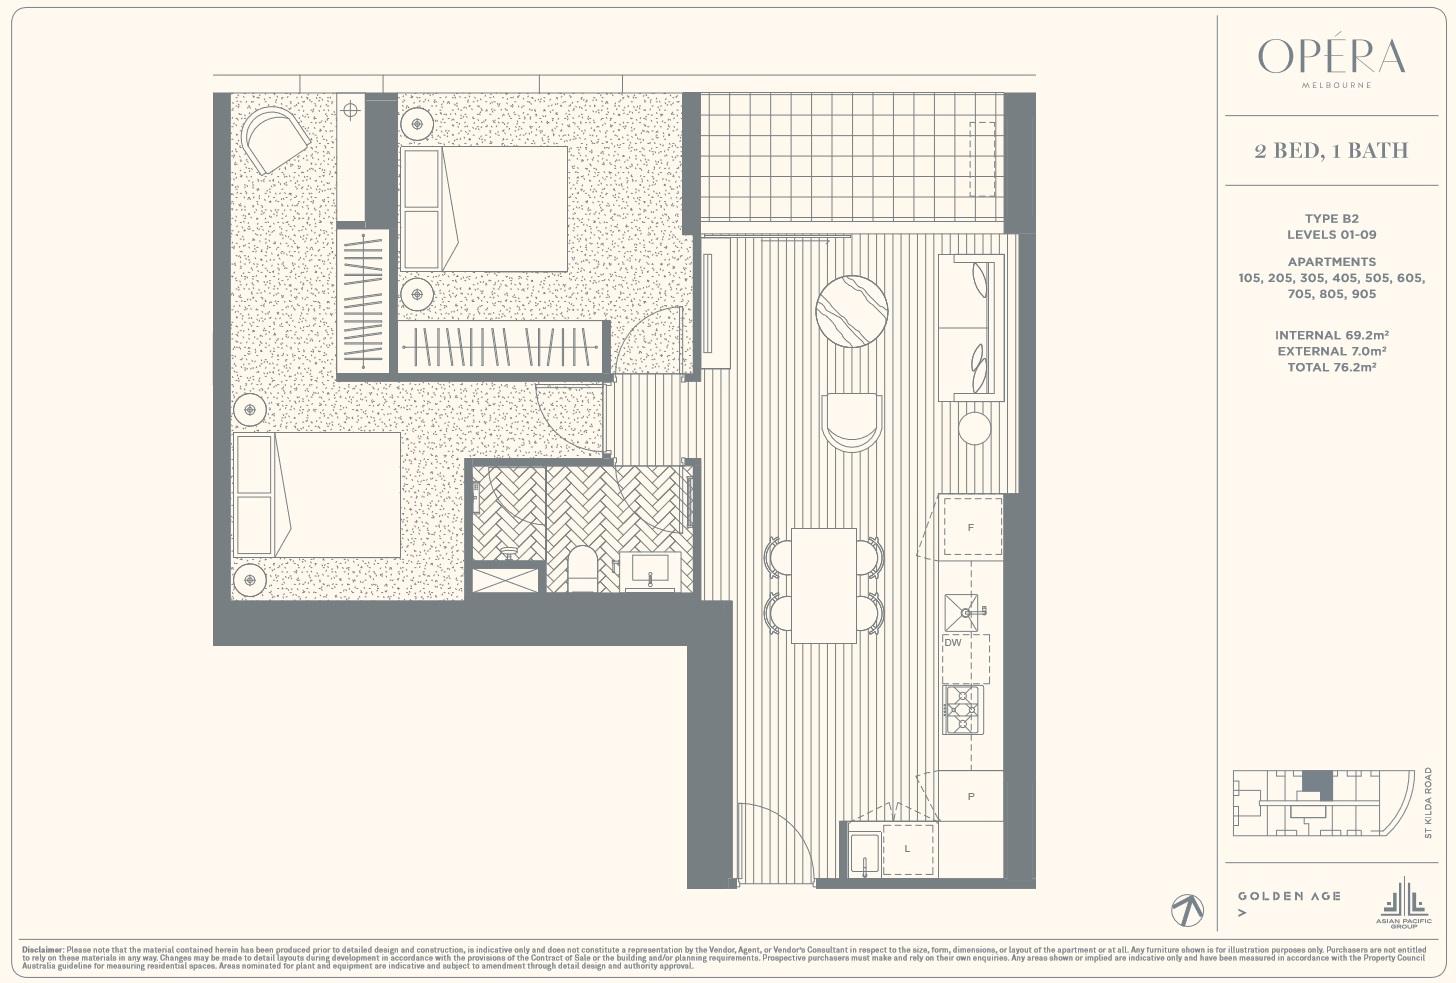 Floor Plan Type B2 - 2Bed1Bath